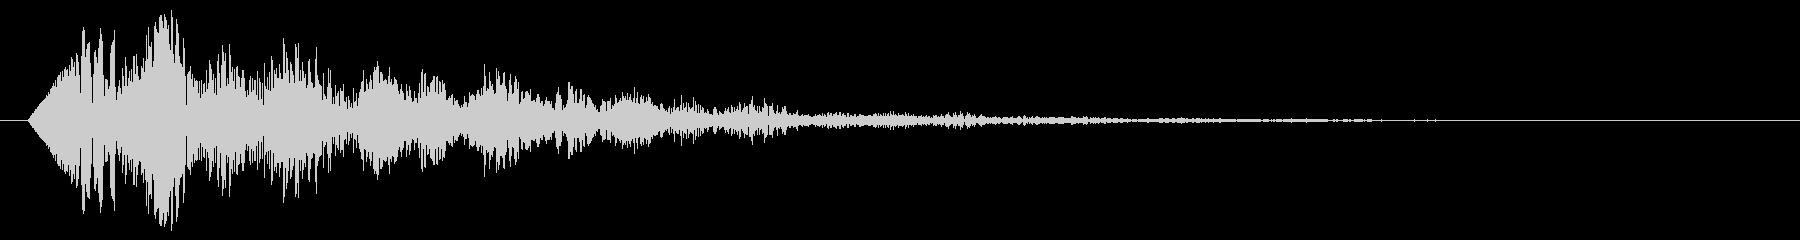 ホワン④(魔法・テロップ・スタート音)の未再生の波形